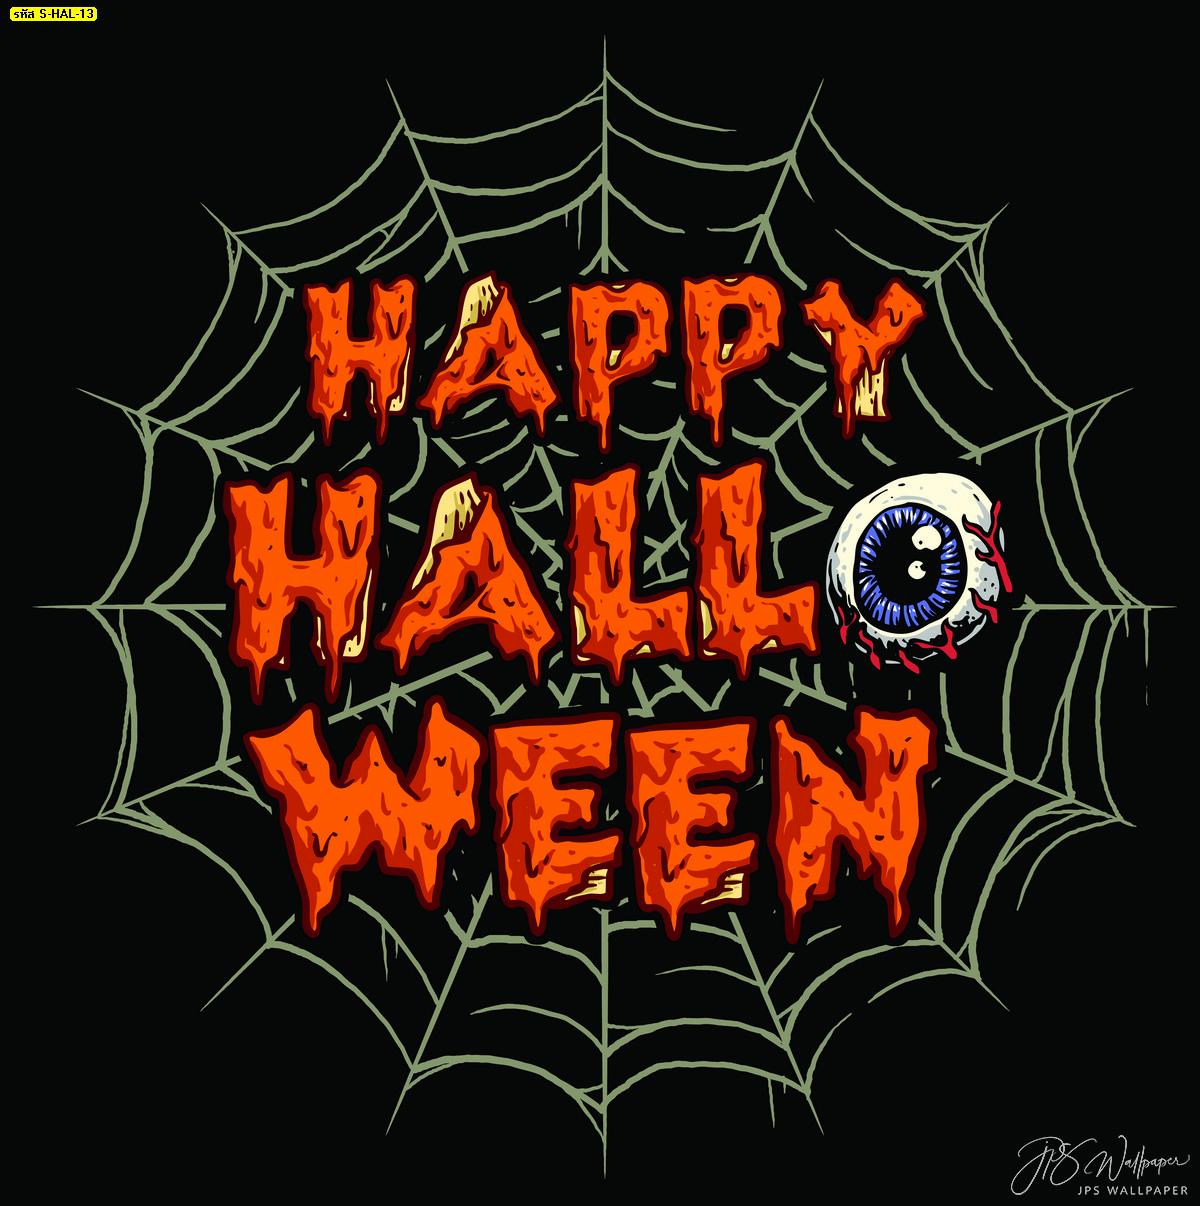 วอลเปเปอร์สุดหลอนลูกตาติดใยแมงมุมพื้นหลังสีดำ ภาพติดในงานปาร์ตี้ฮาโลวีน Happy Halloween